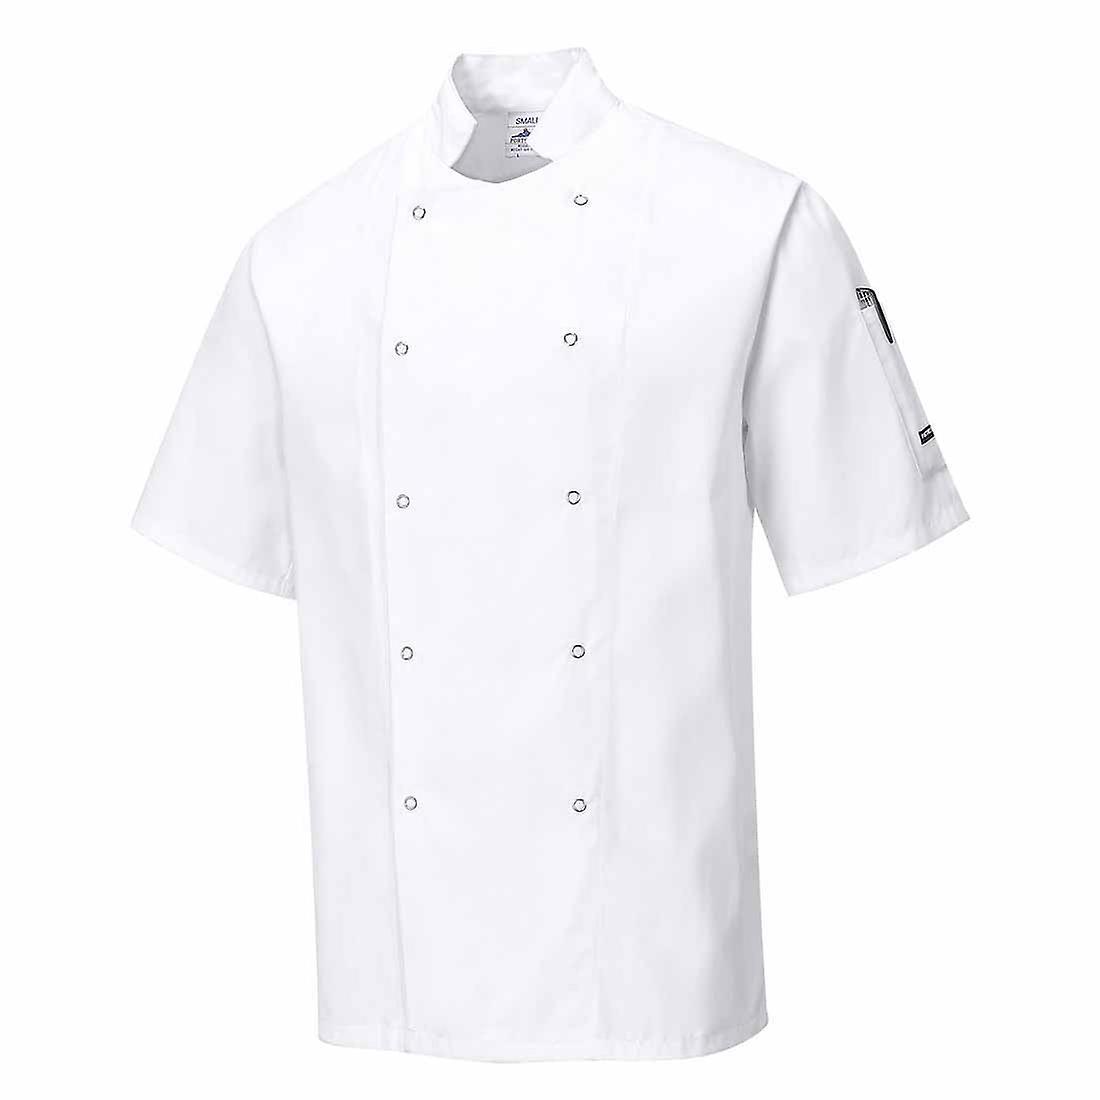 Portwest - Cumbria Chefs Kitchen Workwear Jacket